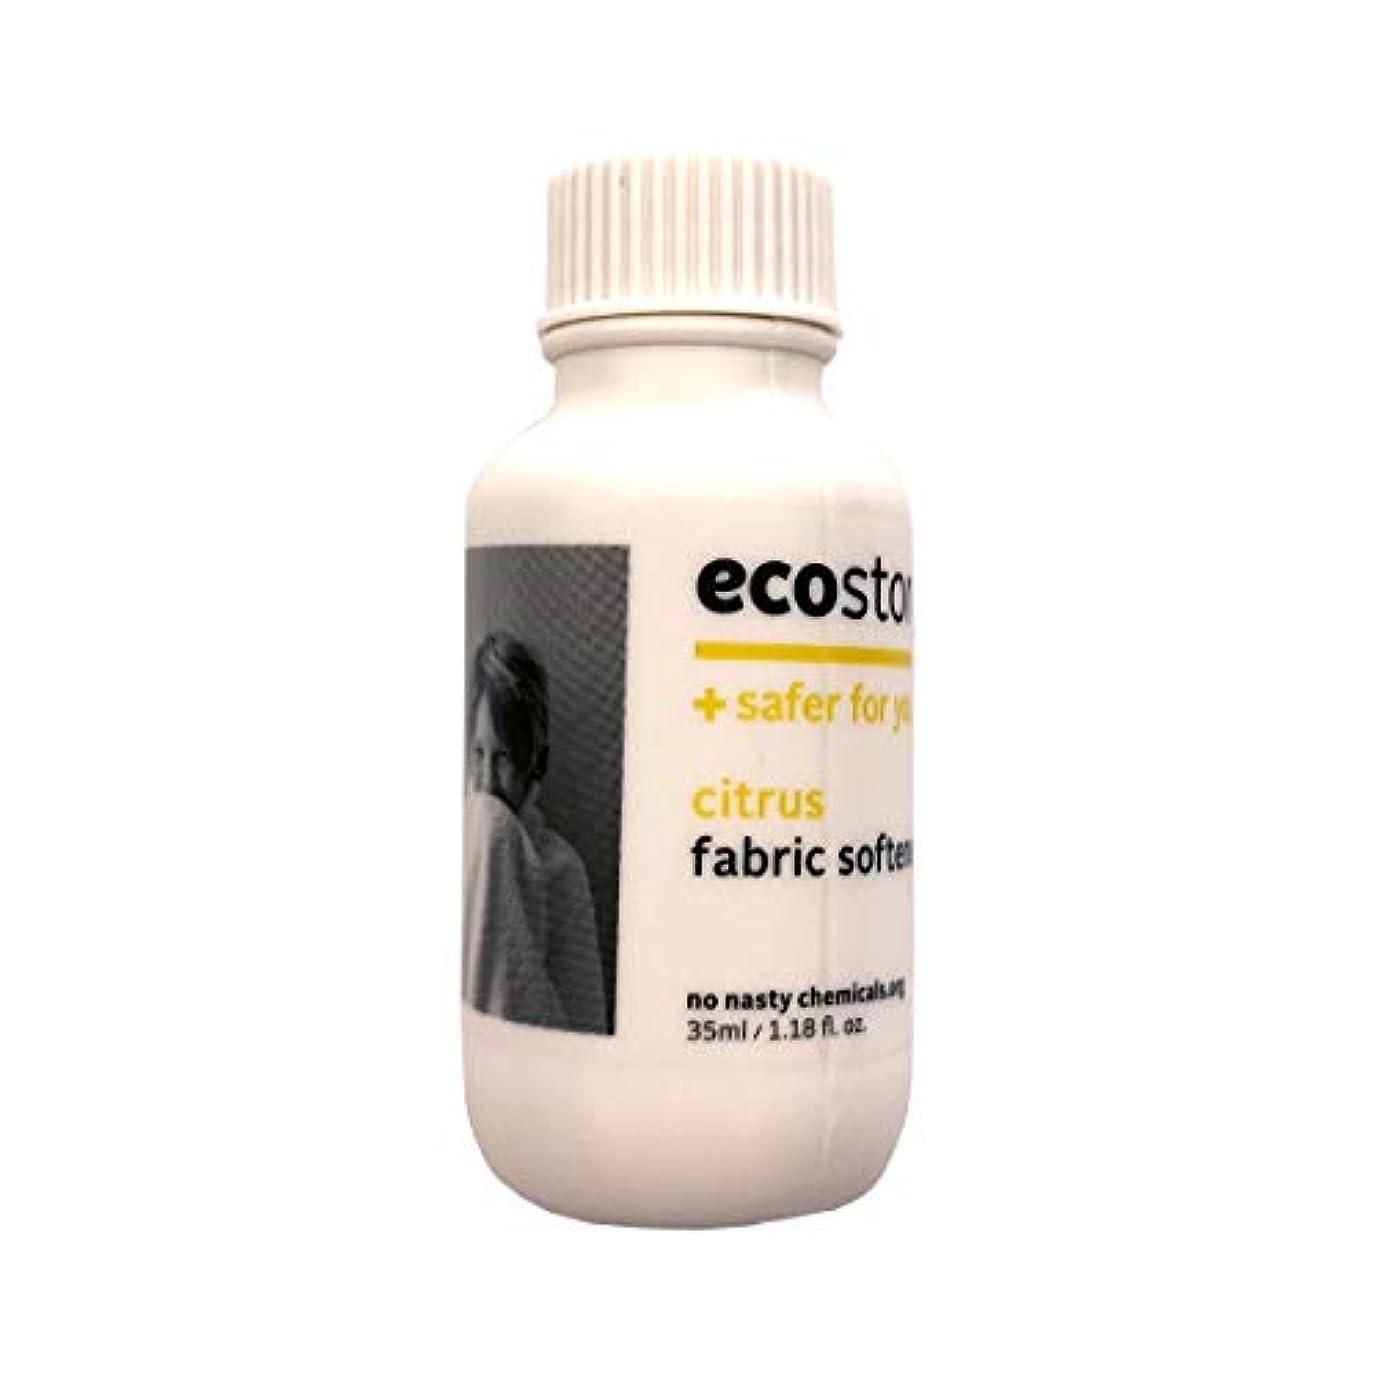 レッスン壁アリecostore(エコストア) ファブリックソフナー  シトラス 35ml 柔軟仕上げ剤 実質無料サンプルストア対象